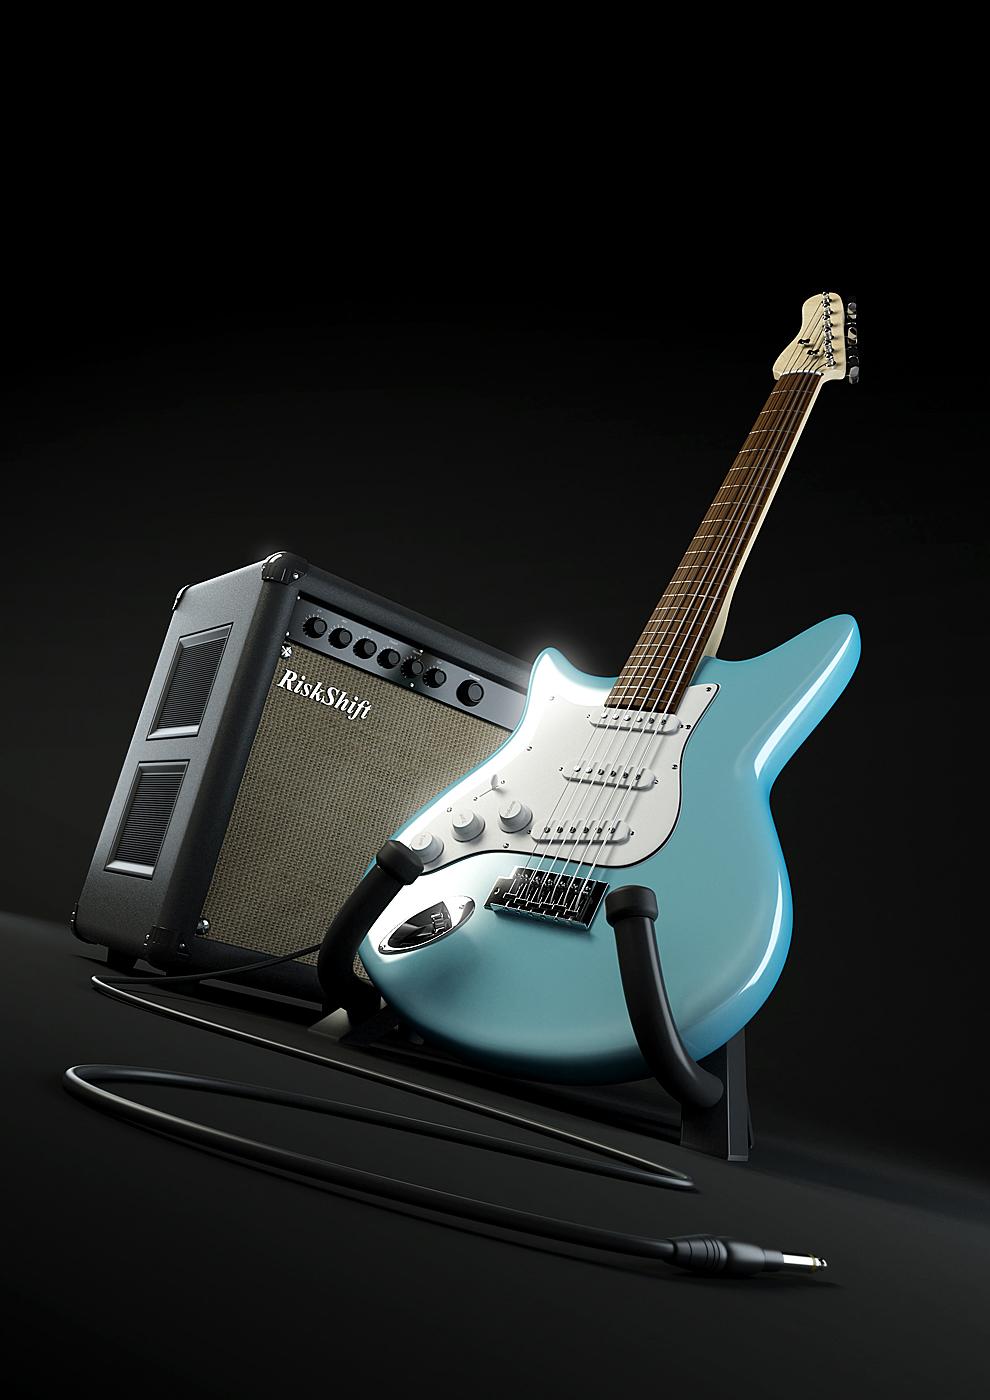 Guitar by Jesar